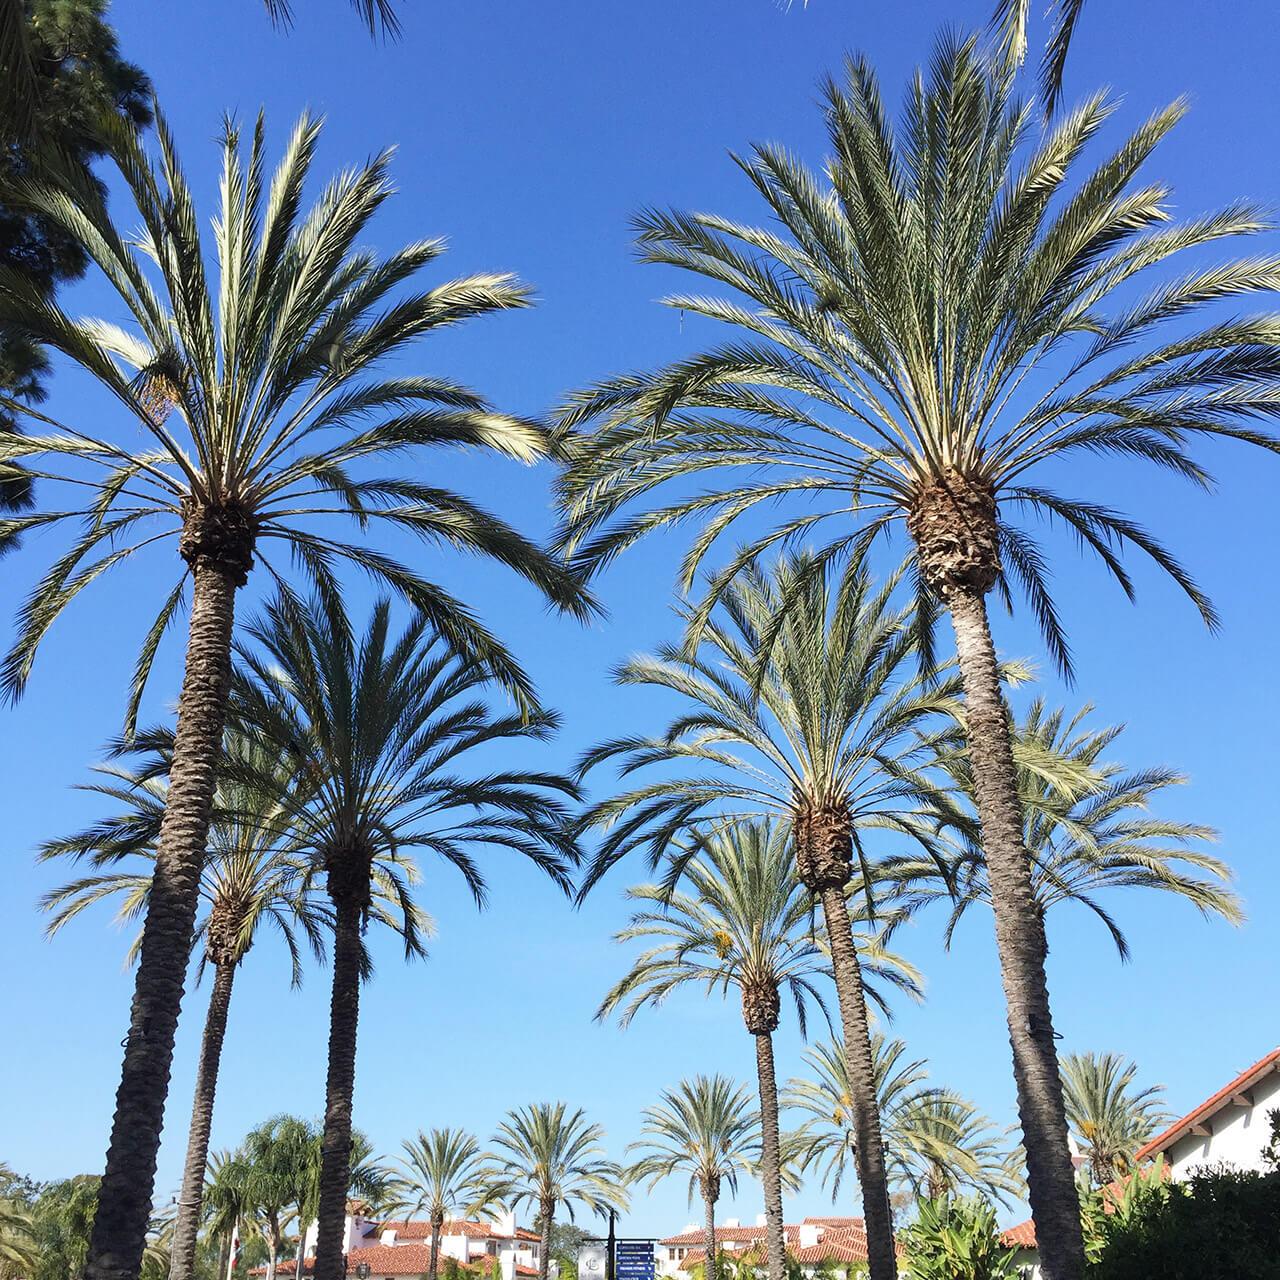 palm trees at omni la costa